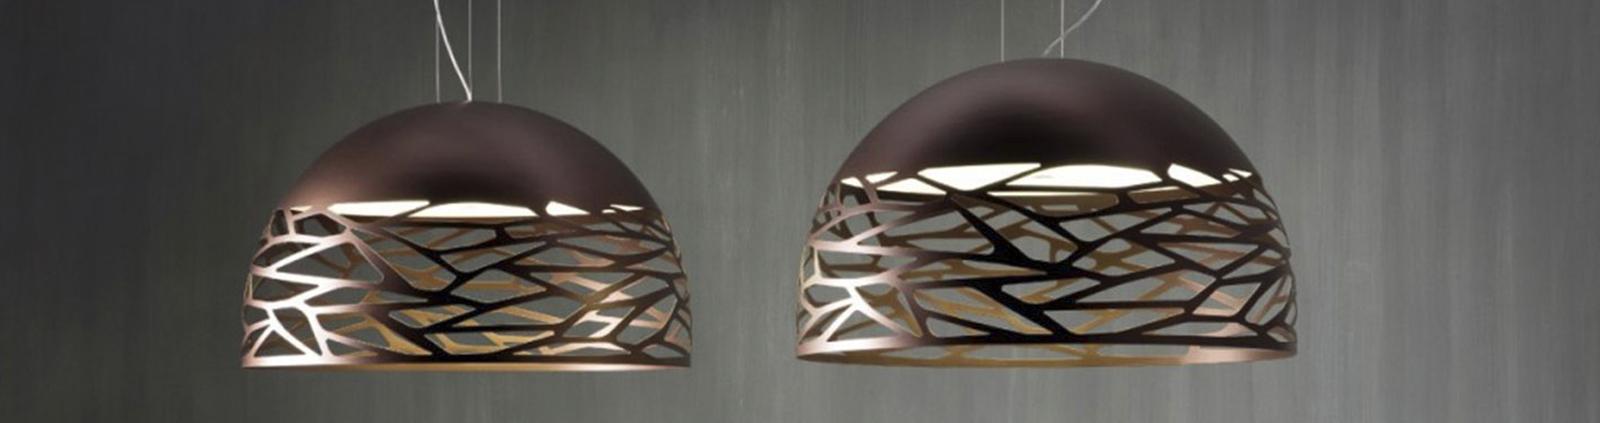 200 Unieke Design Lampen Exclusieve Verlichting